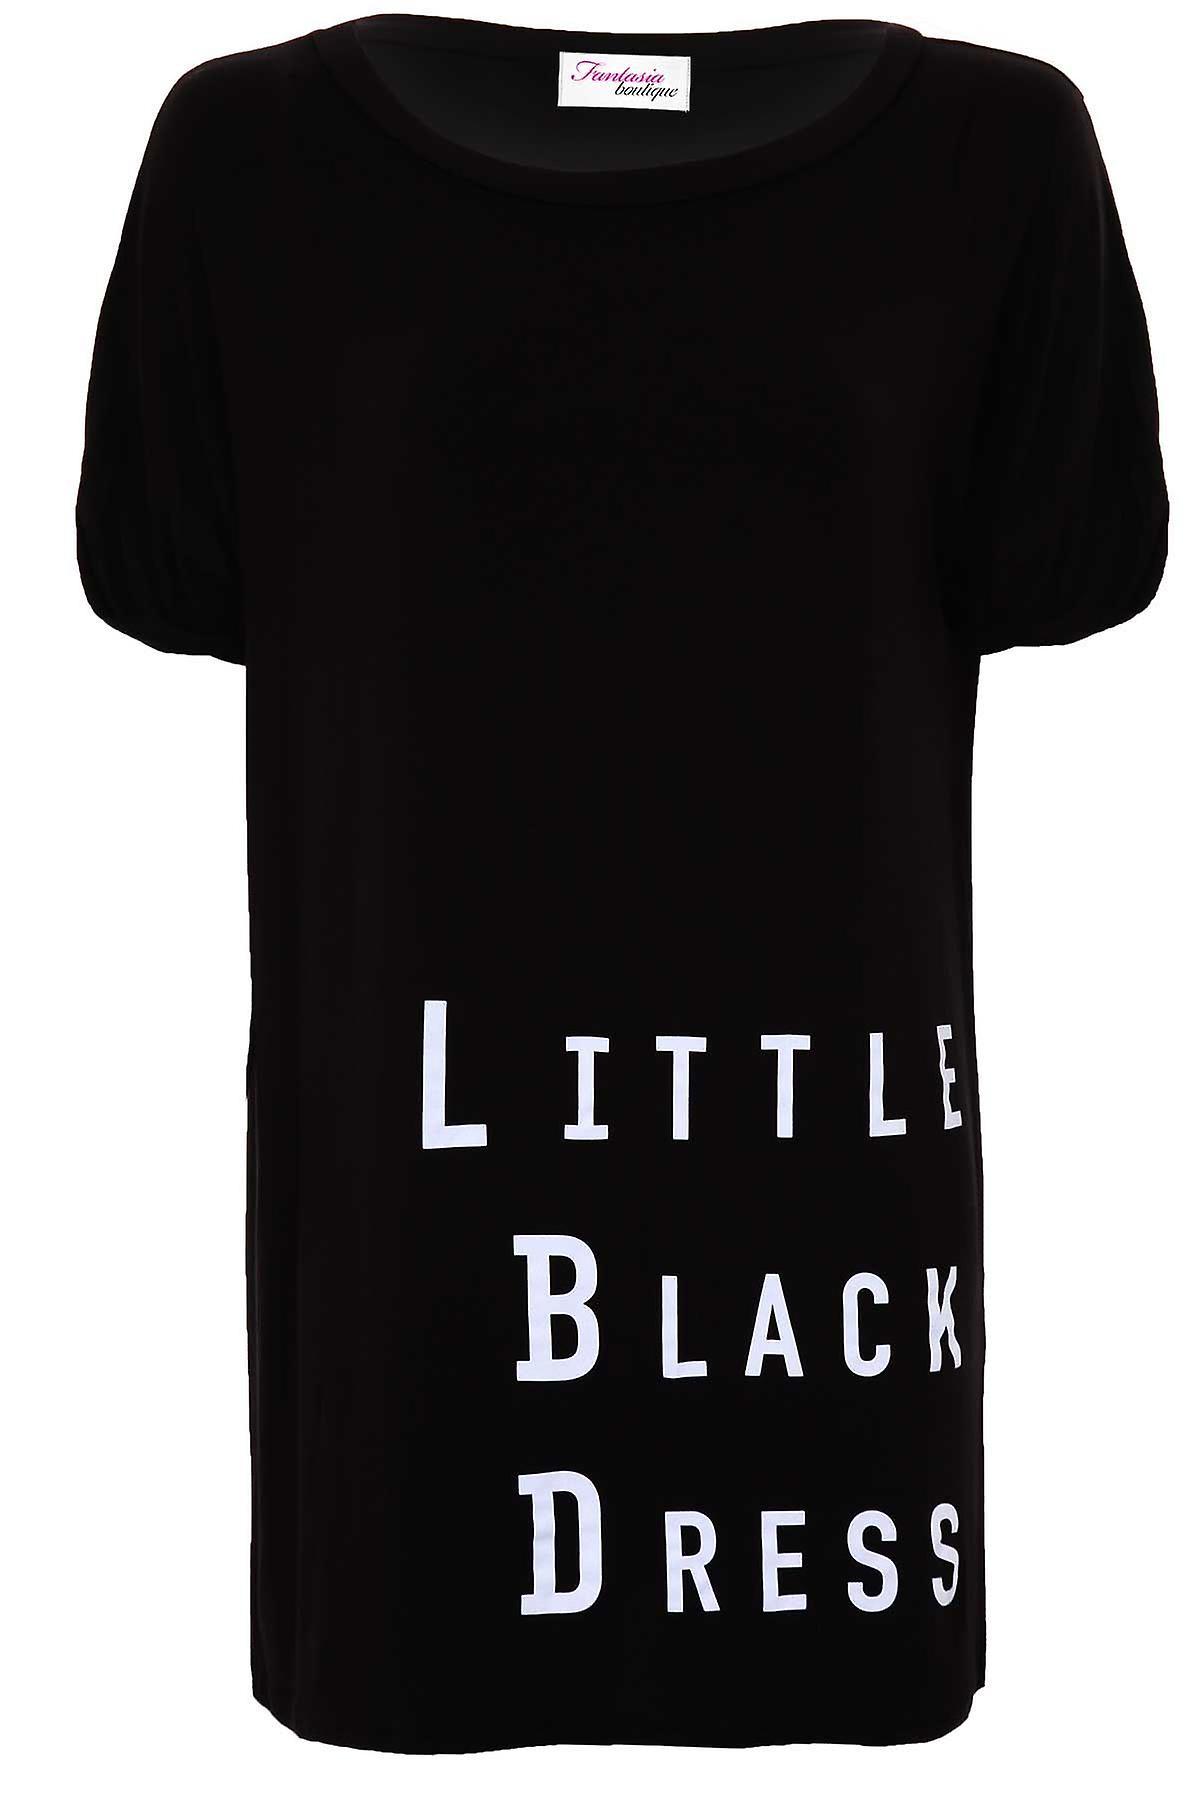 db2cc505877c Ladies nero alzare nero corto abito tunica femminile Abito t-shirt manica